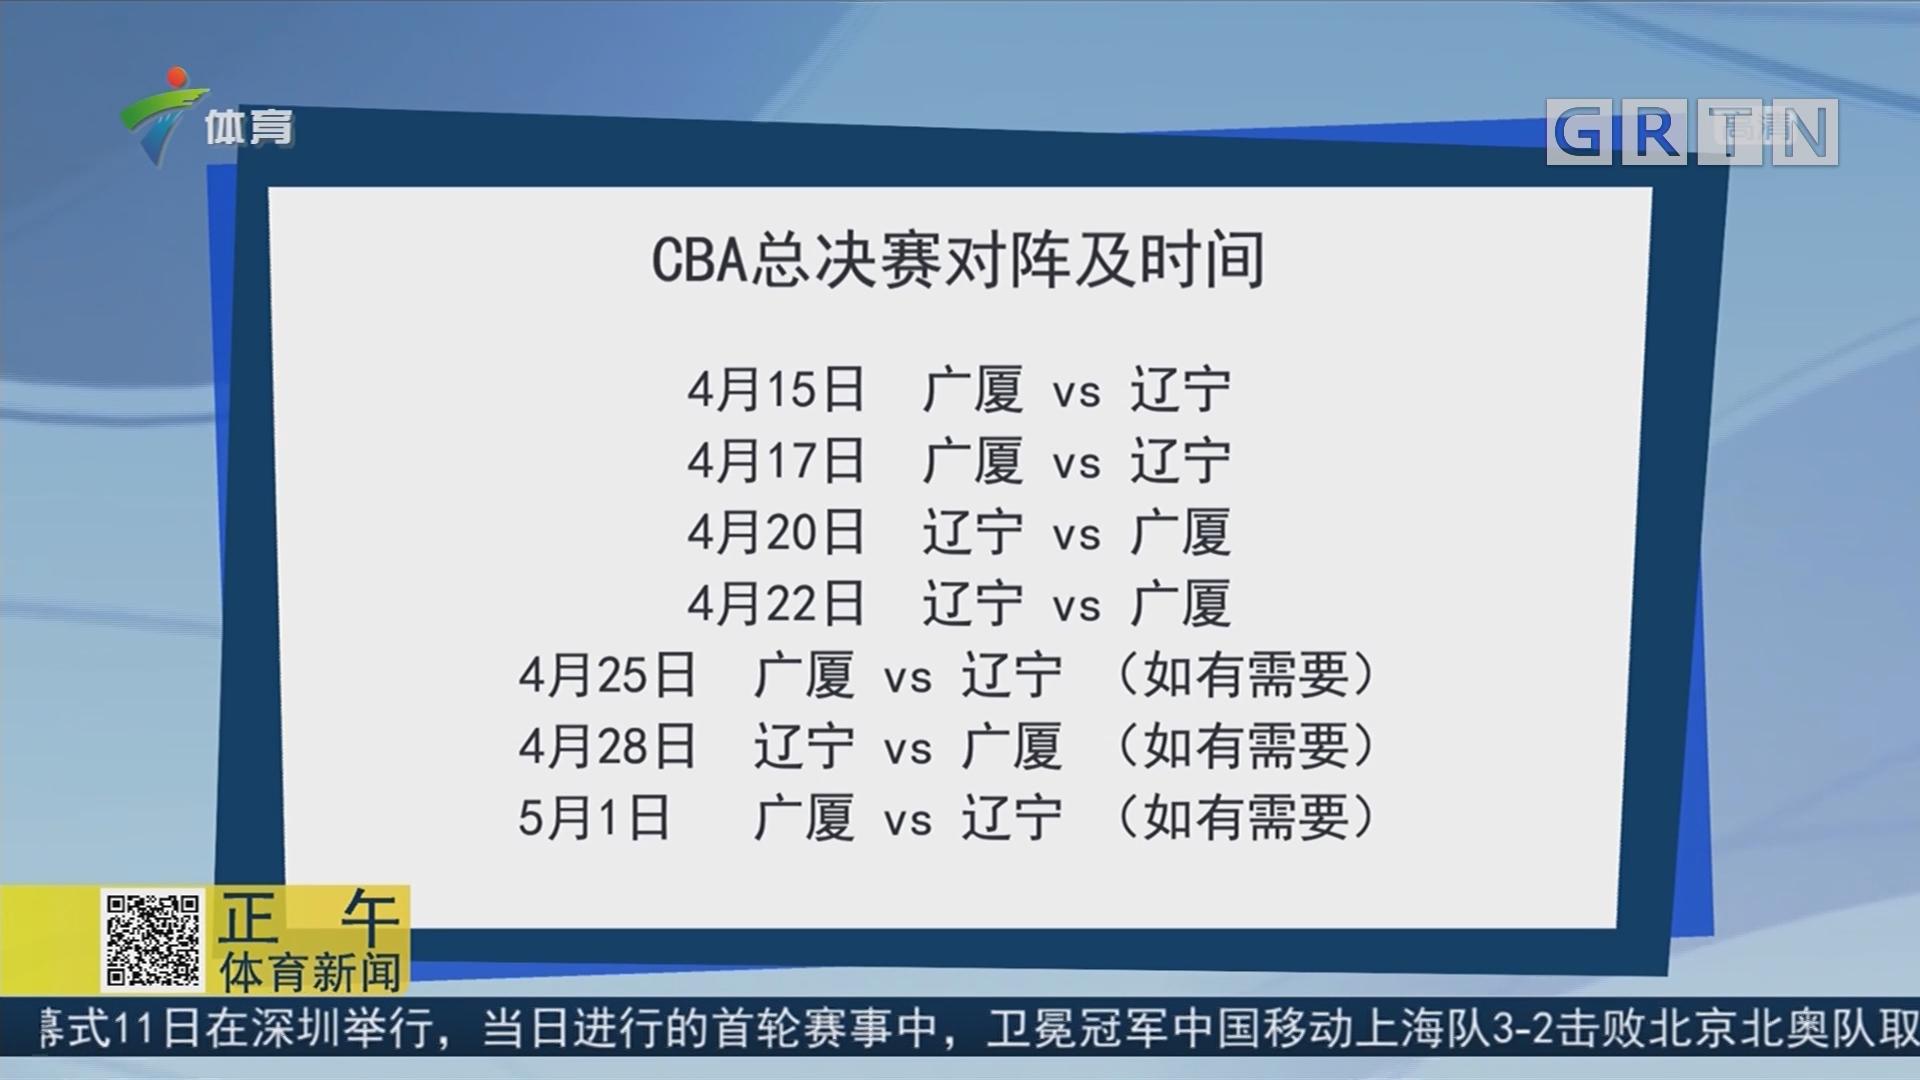 CBA总决赛对阵及时间